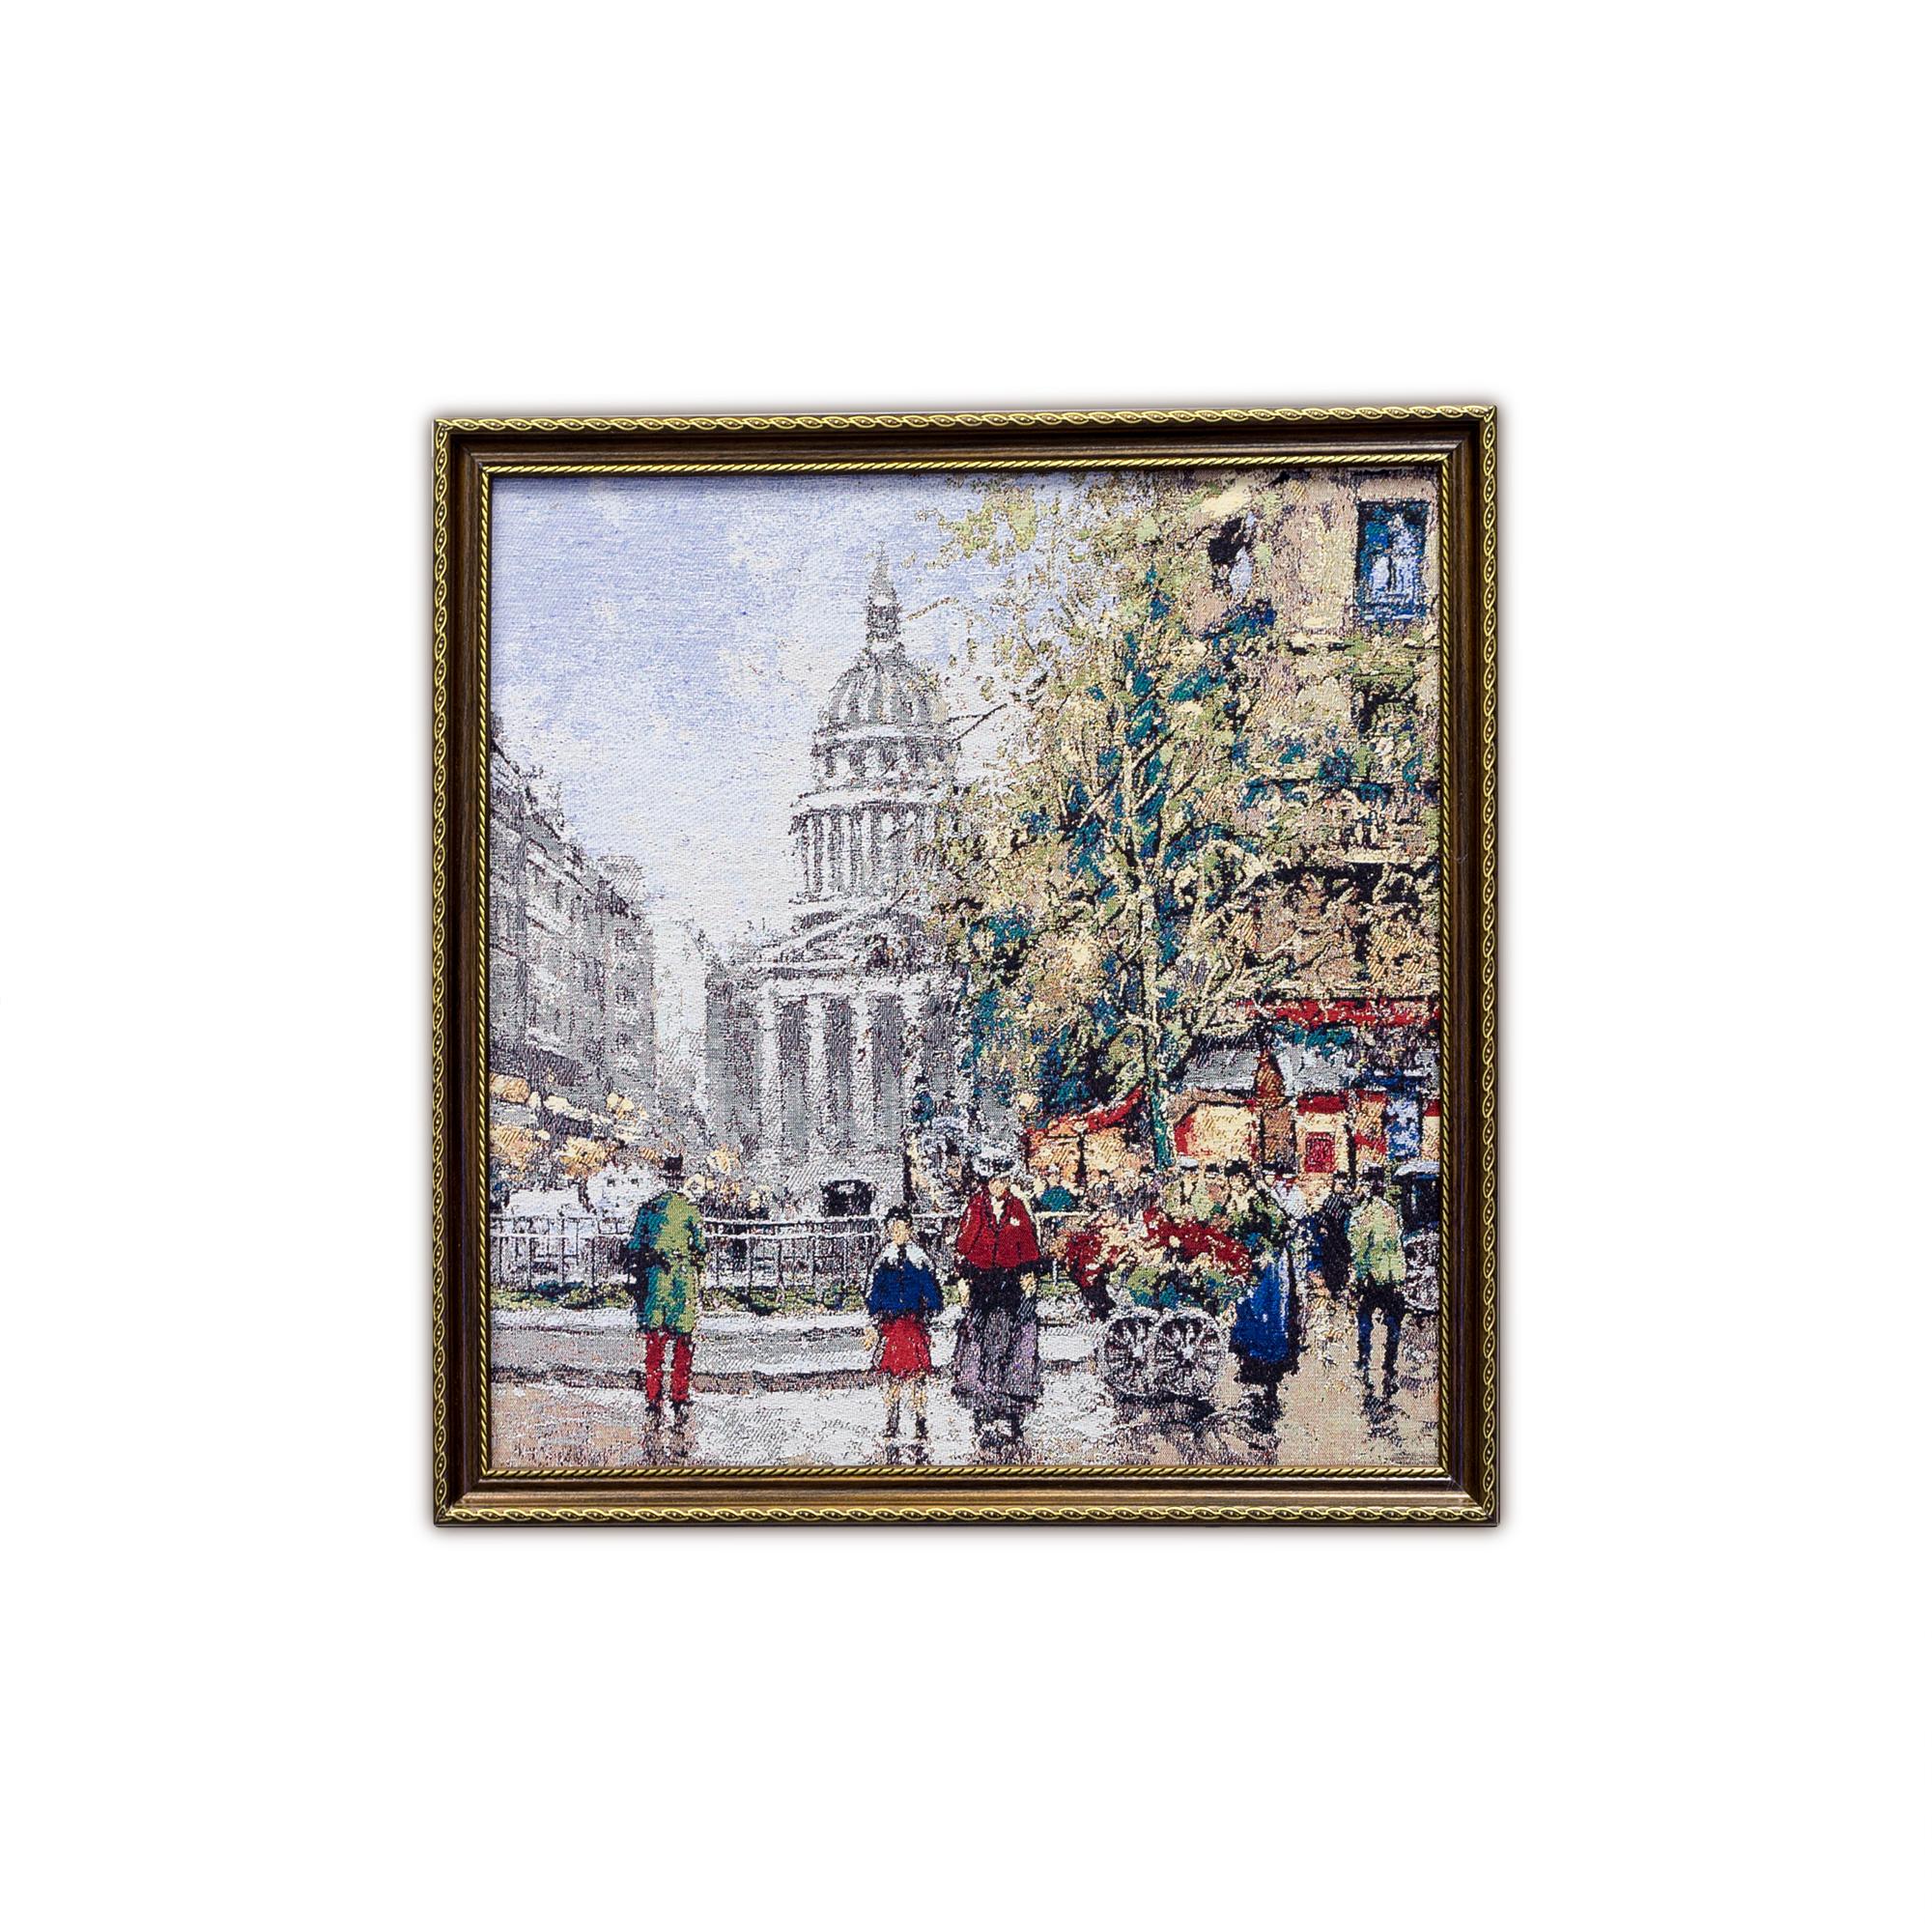 Купить Картины, постеры, гобелены, панно A La Gobelin, Картина Исаакиевский Проспект (47х49 см), Россия, Гобелен